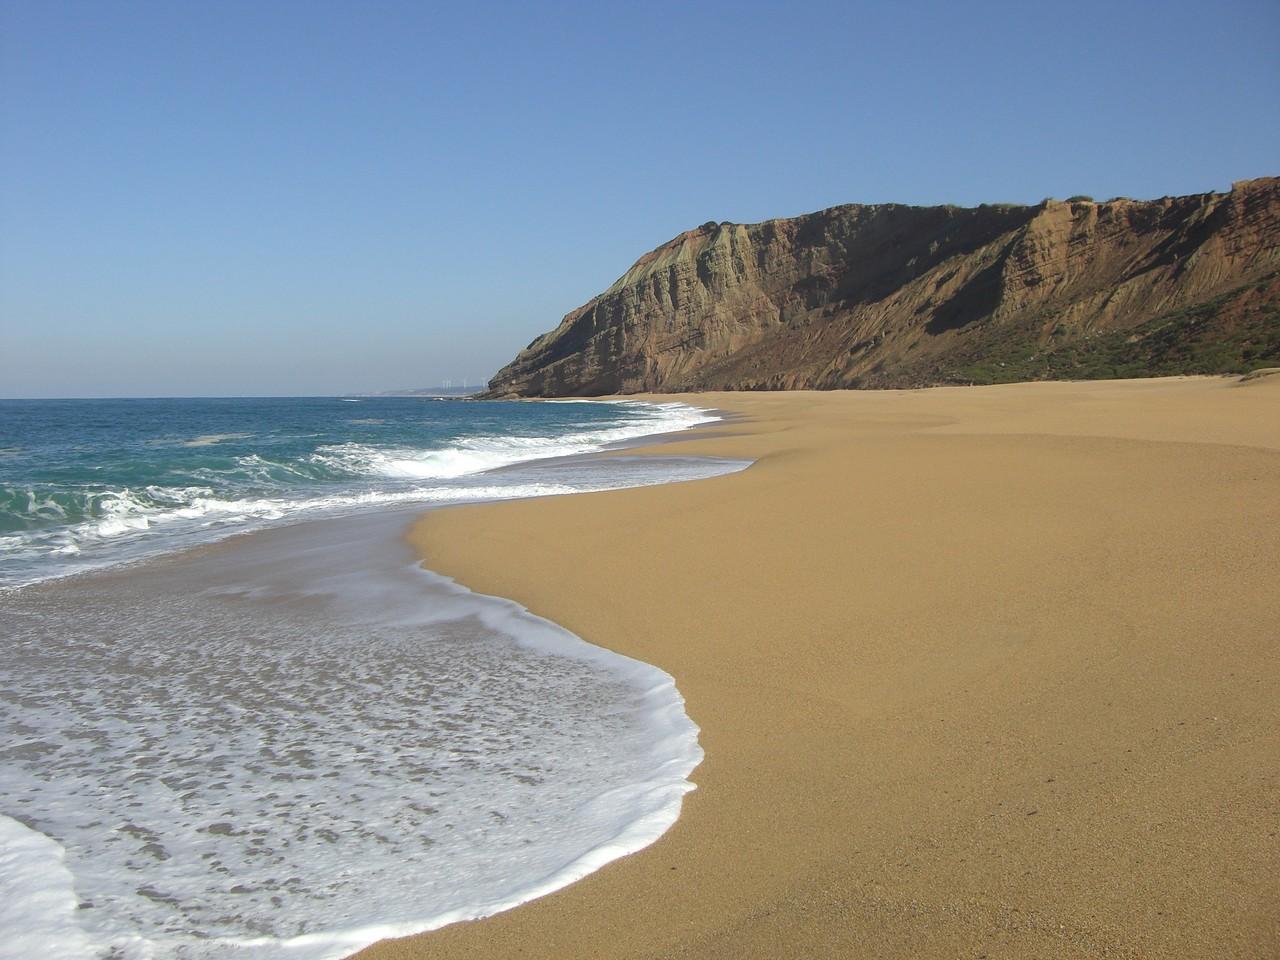 Strandurlaub in Portugal, die Ferienunterkunft ist nur 800m entfernt